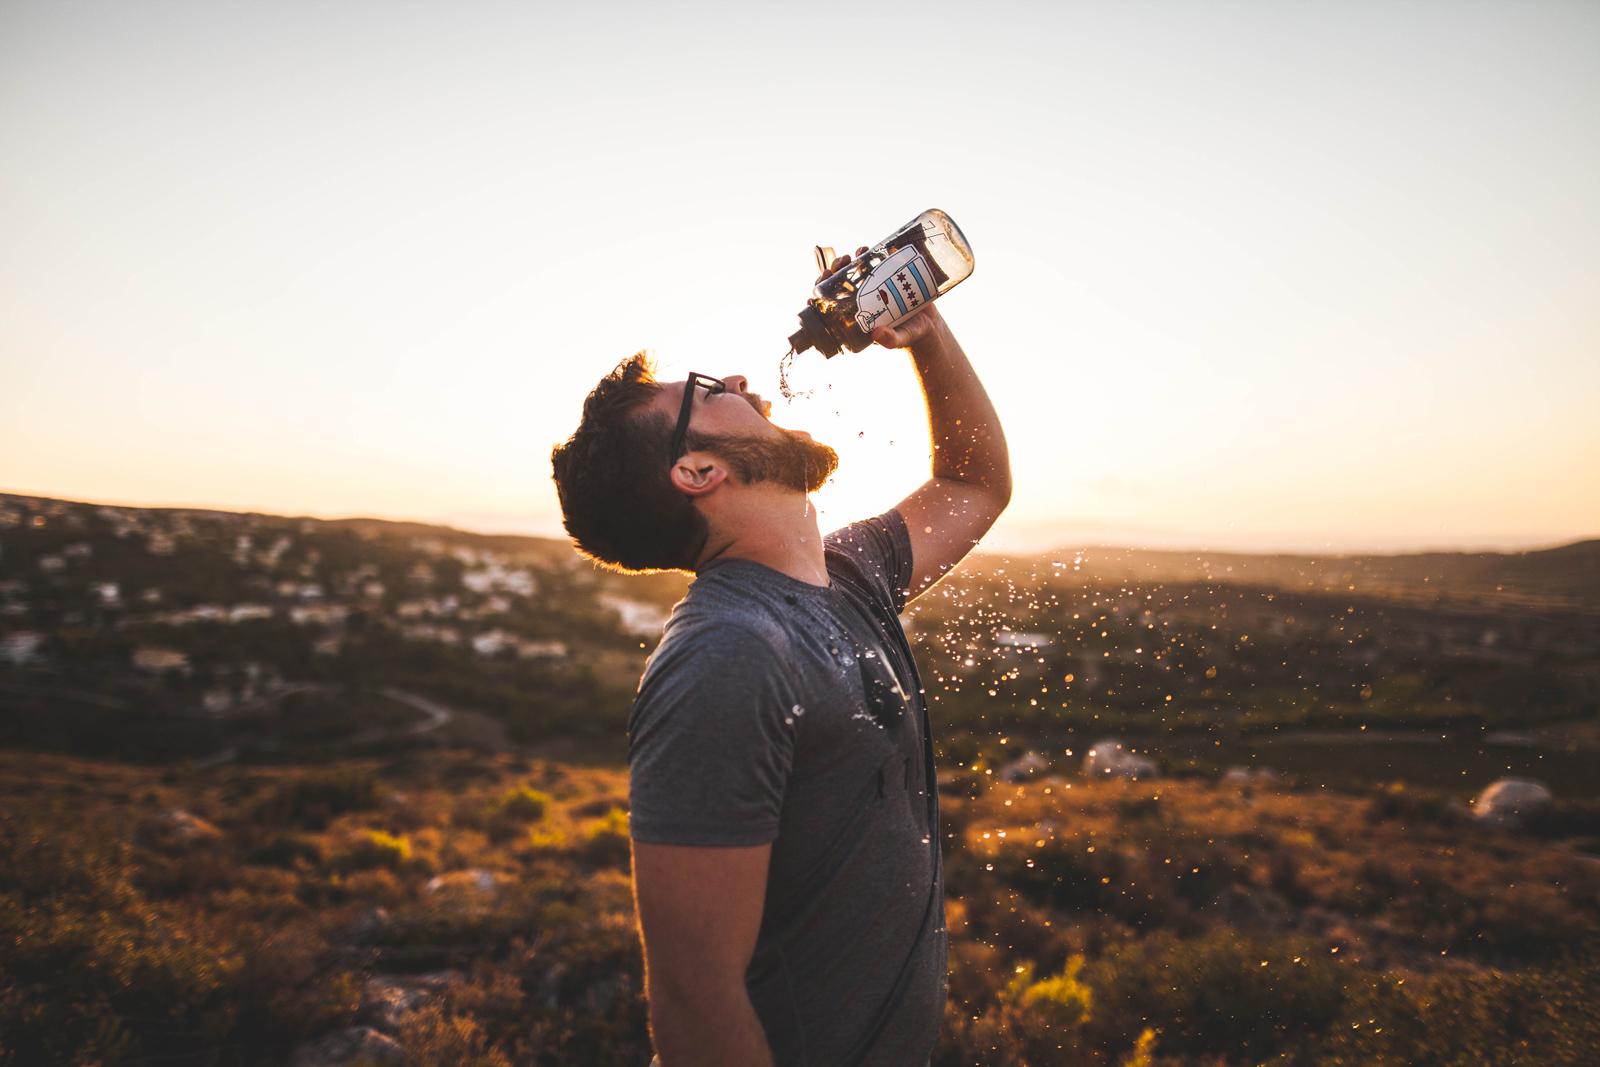 hidracija - dehidracija